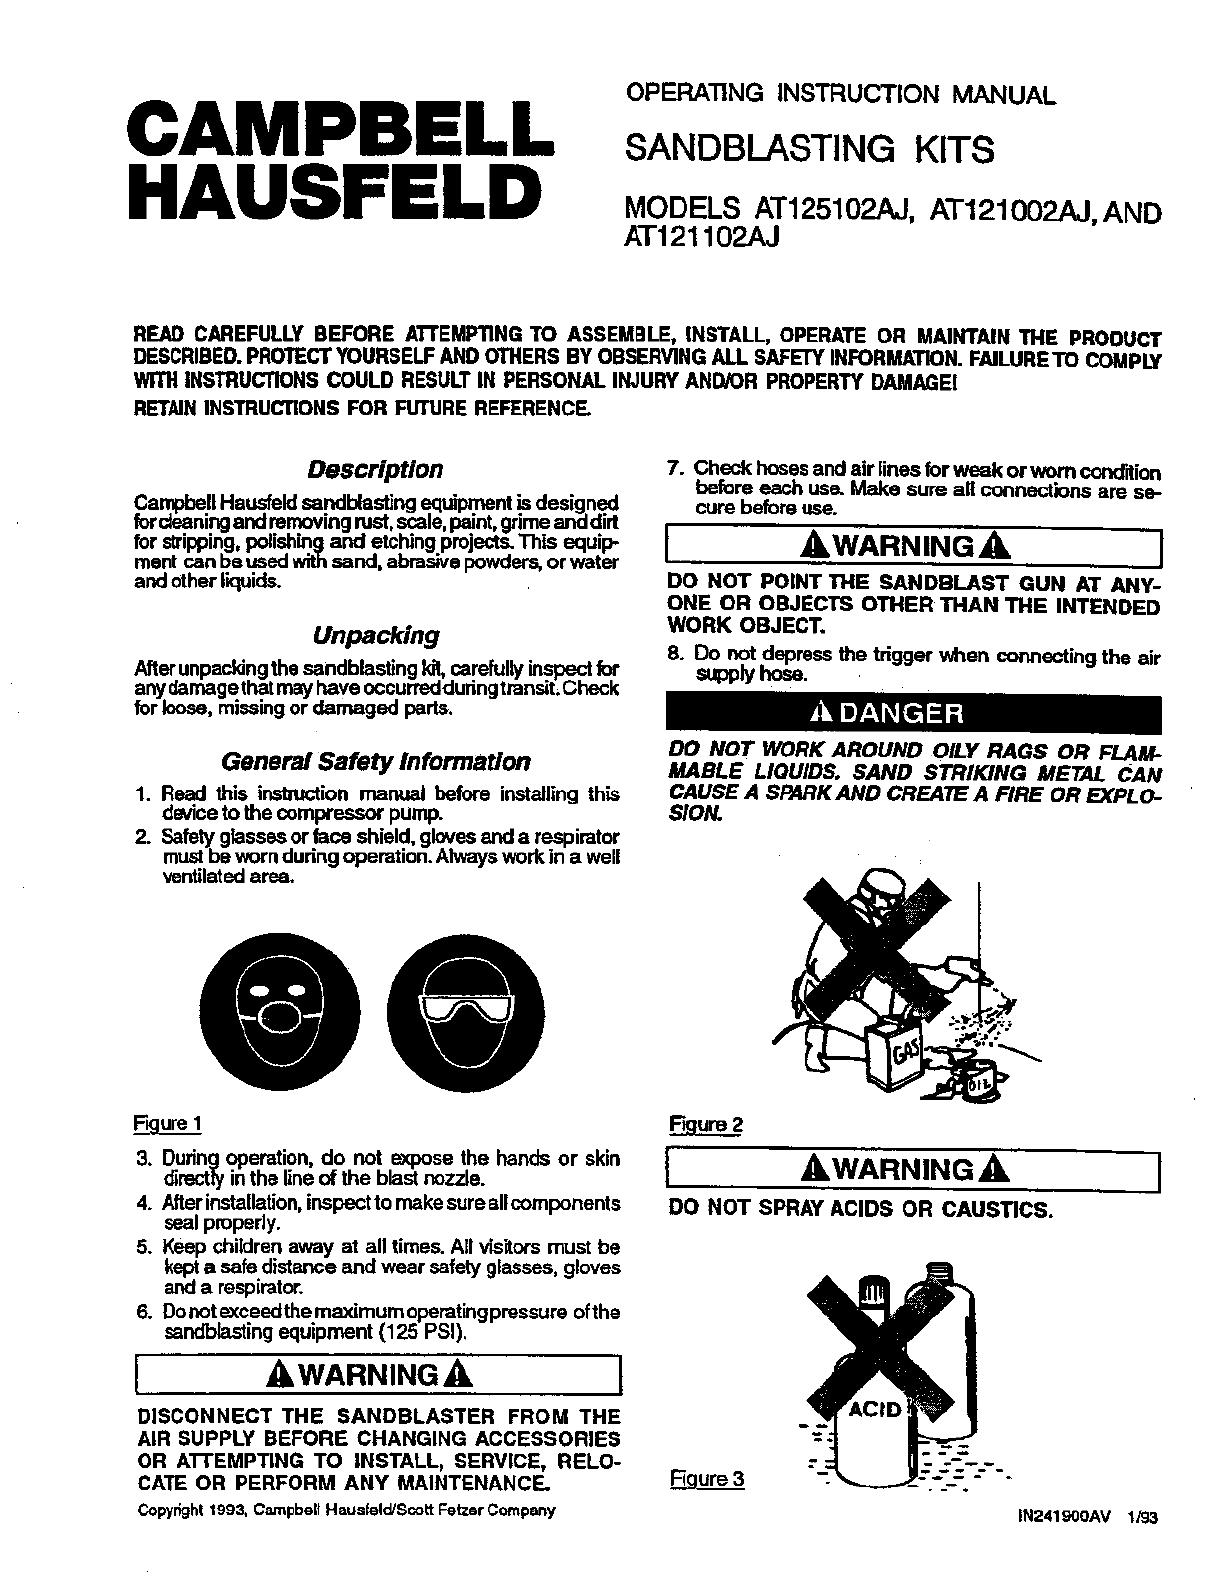 campbell hausfeld sander at122700av user guide manualsonline com rh powertool manualsonline com User Manual PDF Bissell PowerSteamer User Manual